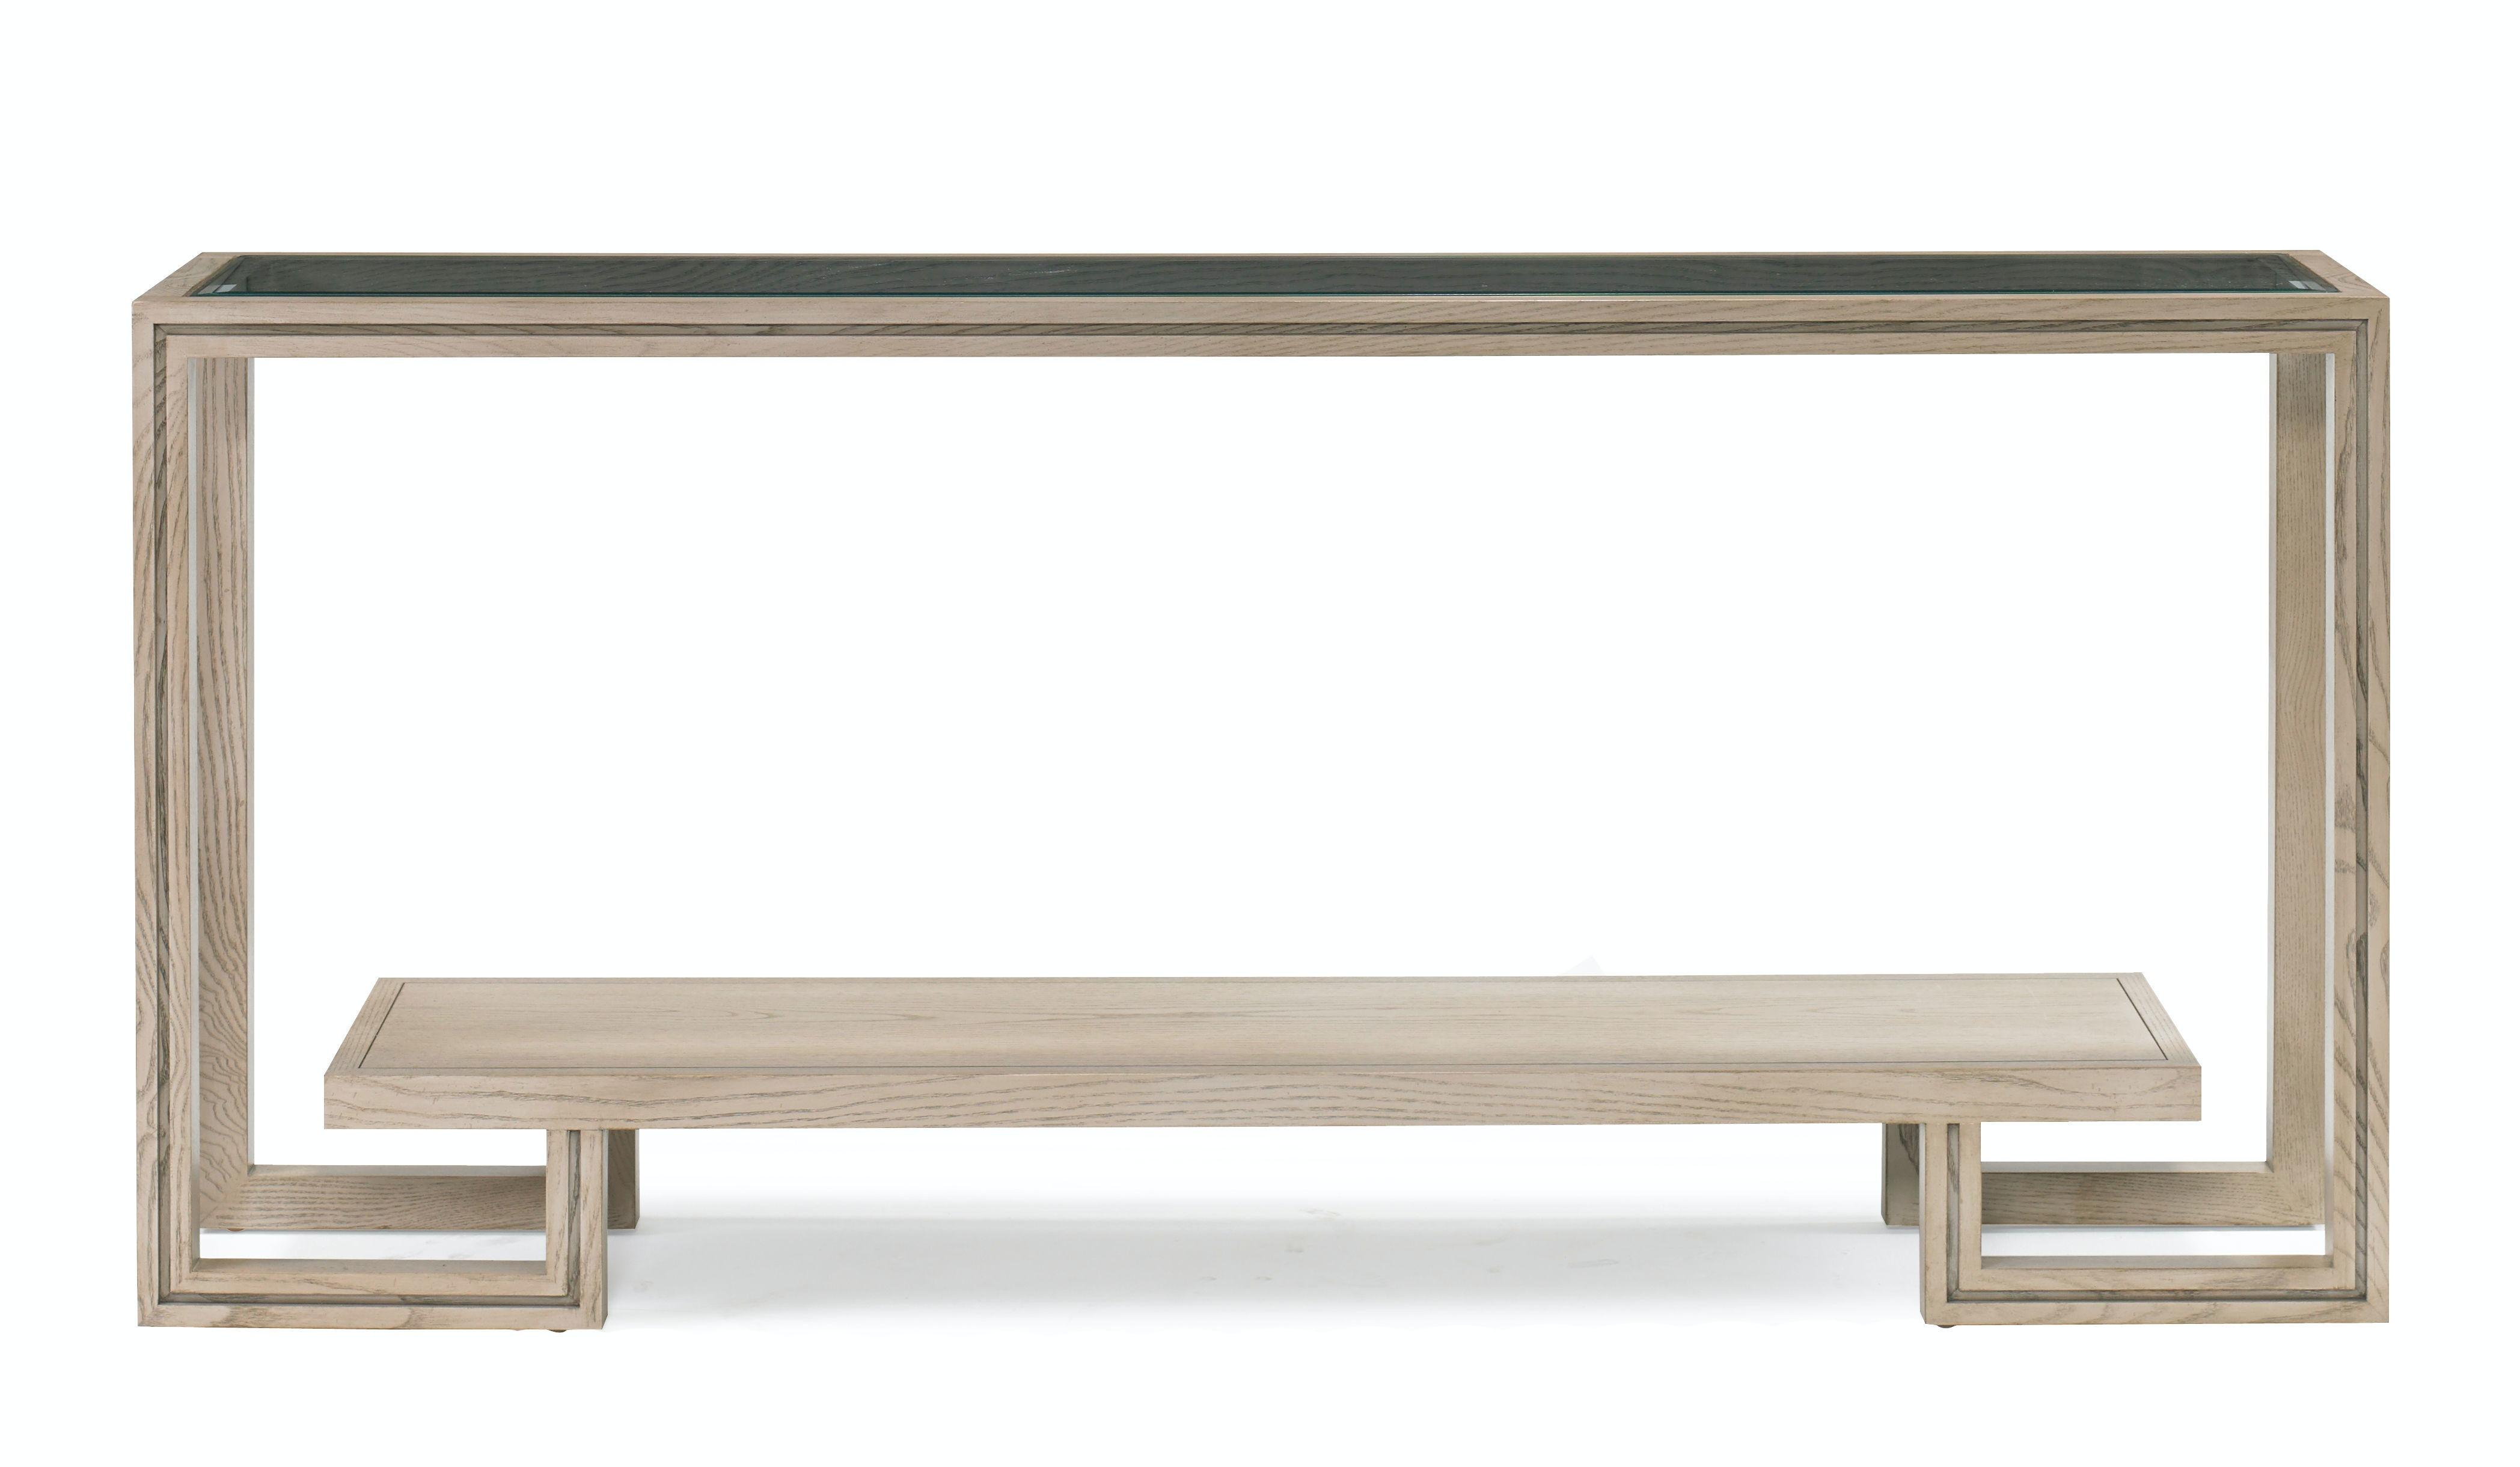 McArthur Fine Furniture